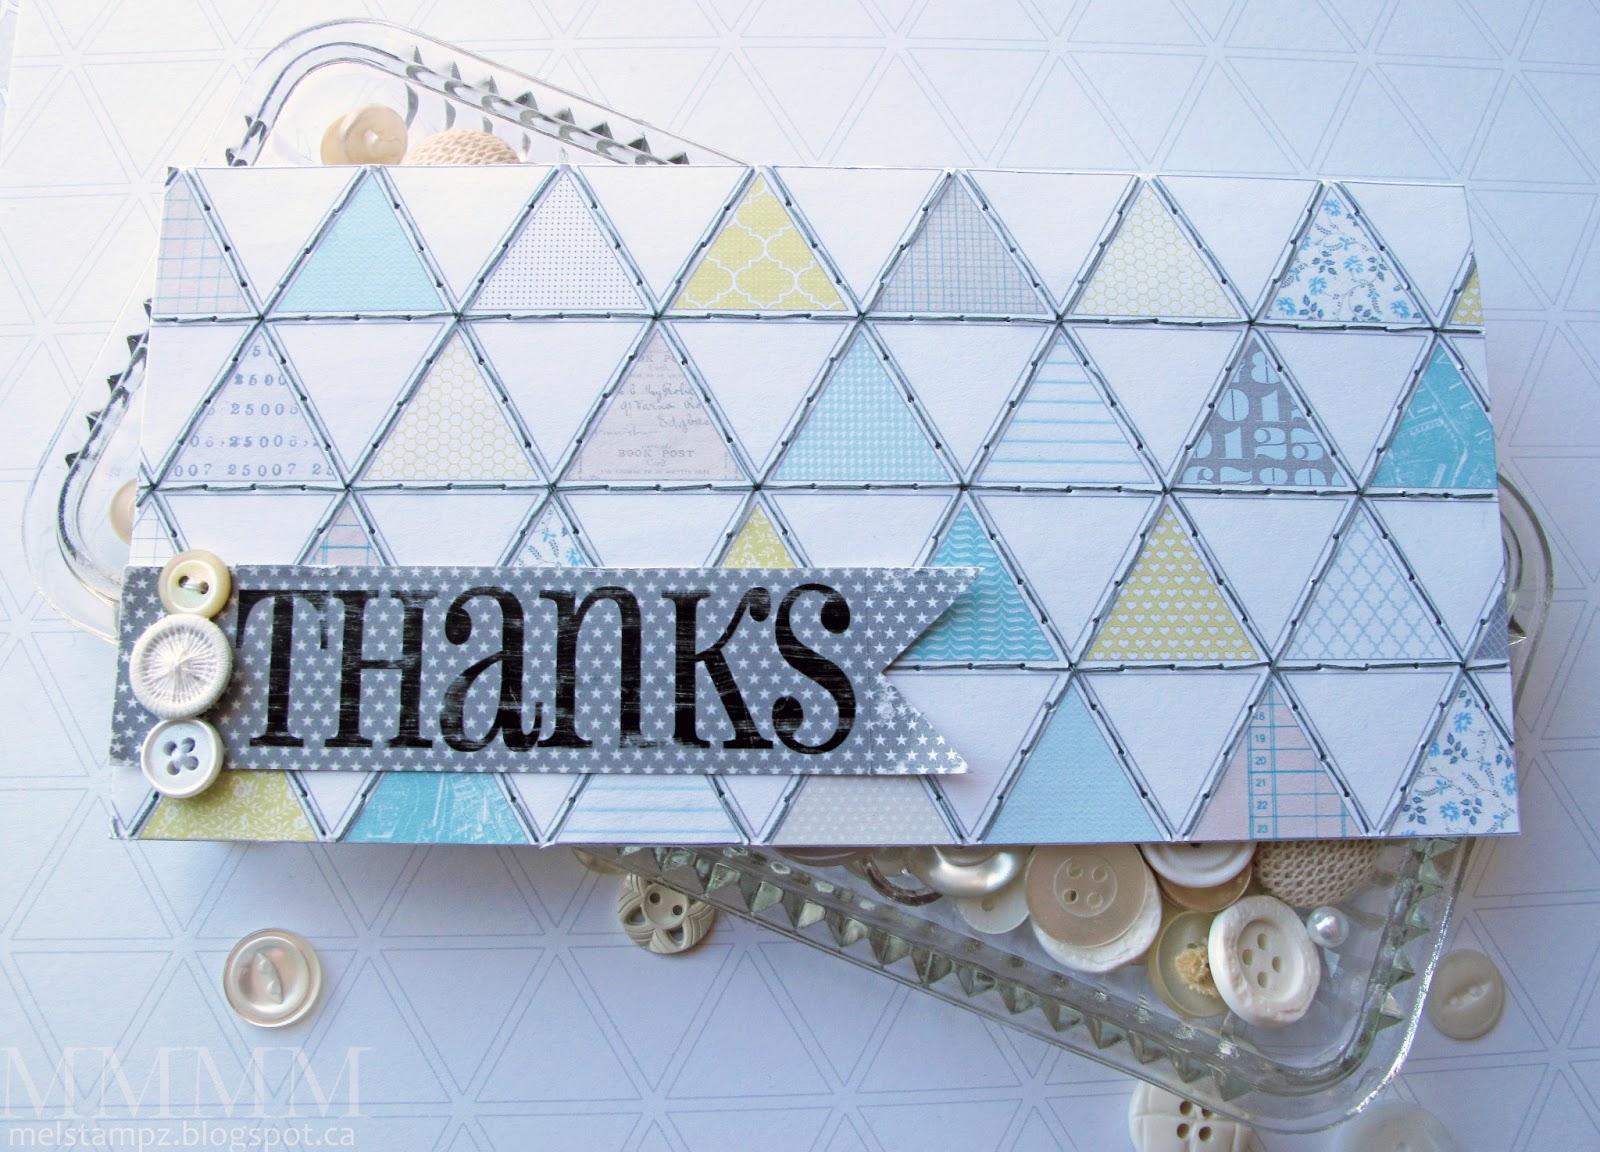 http://2.bp.blogspot.com/-8L6B4kHpeSM/USPVVrunx2I/AAAAAAAAY9k/VGdvKXXEq70/s1600/%27Love+Graphics%27+paper+-+stitched+Triangles+card.png